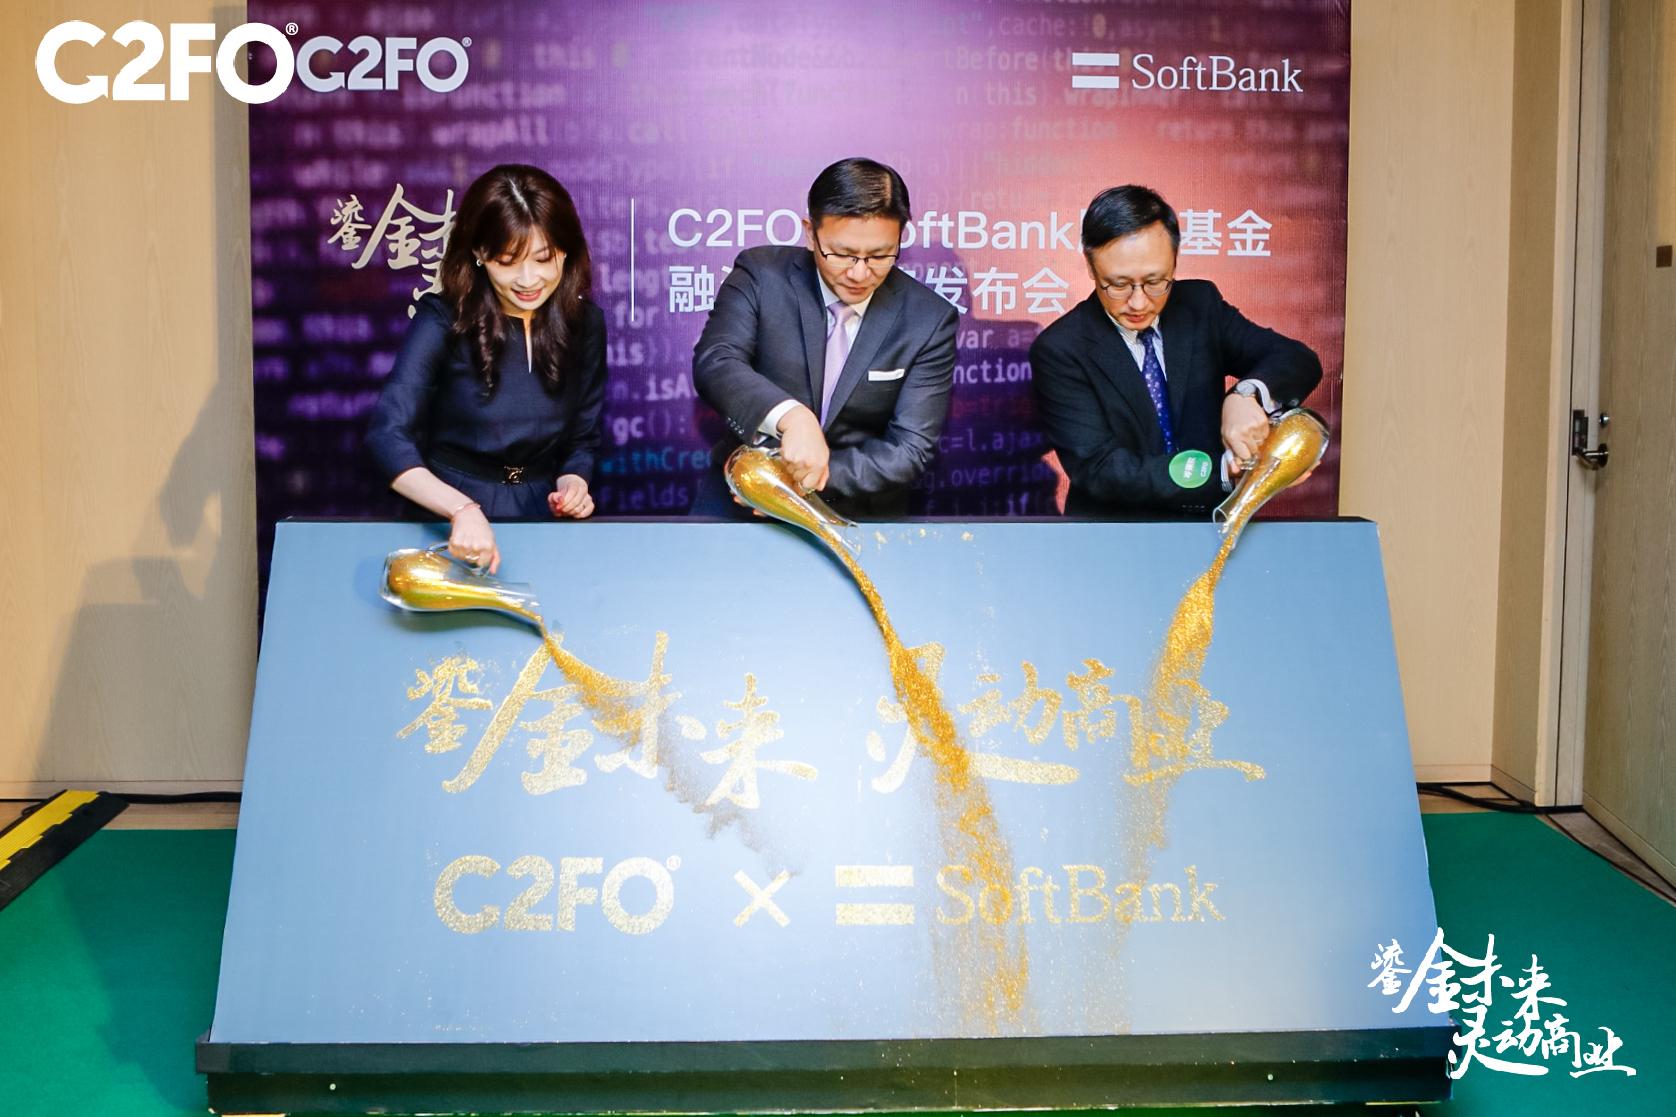 供应链金融市场的阿里巴巴C2FO 获软银愿景基金融资